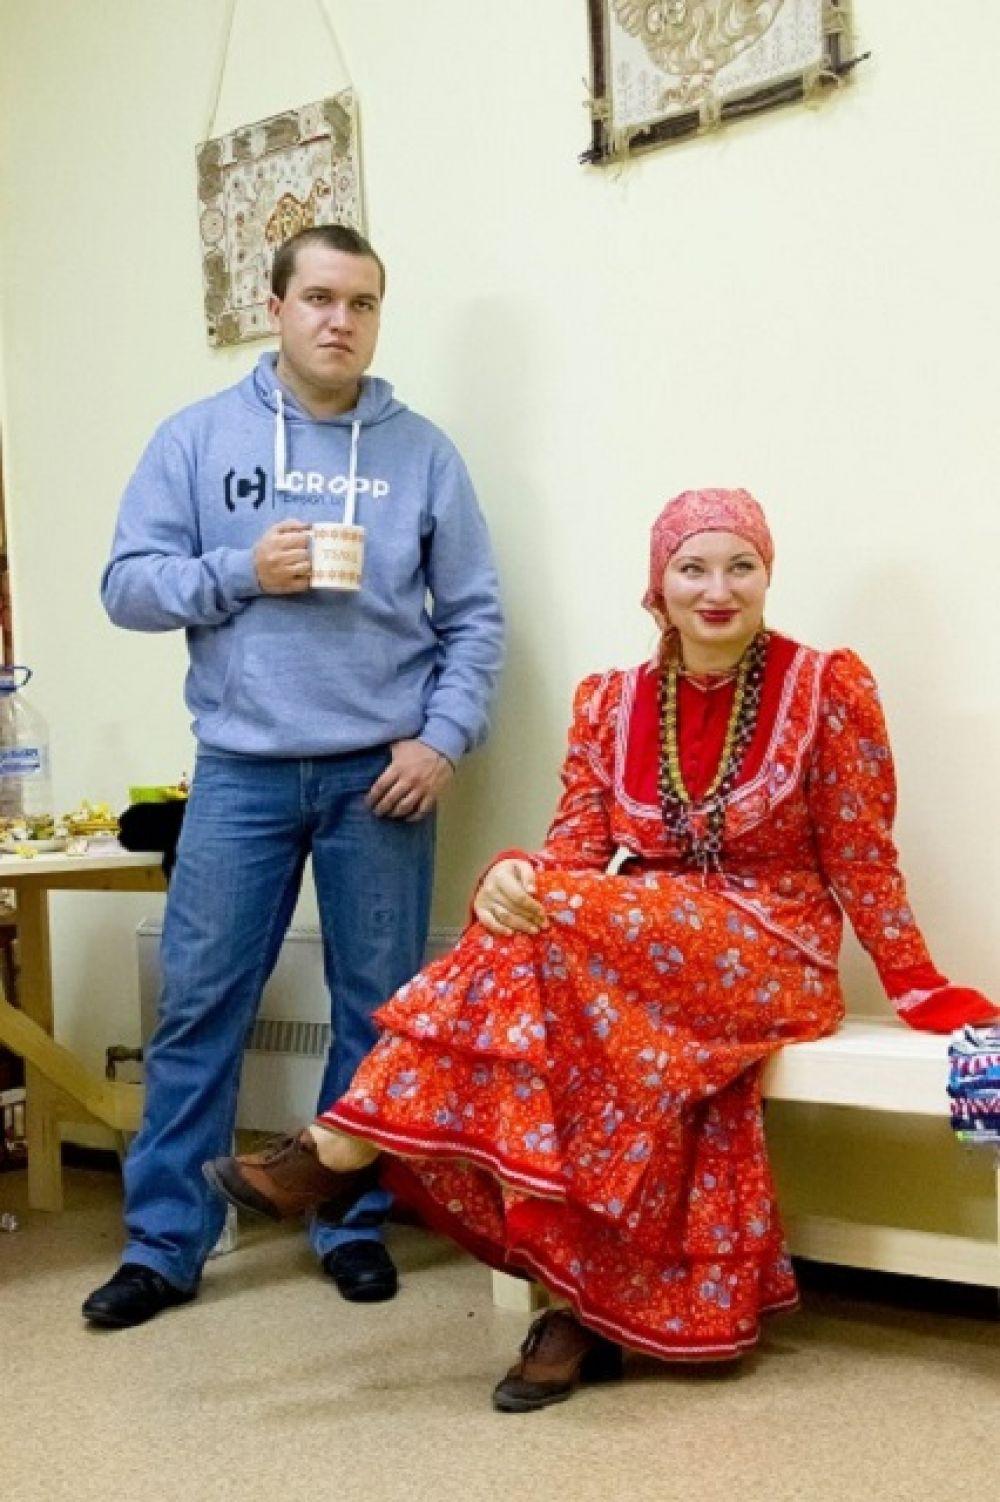 Народный костюм – это не только традиция, место которой сейчас только на сцене среди фольклорных коллективов. Существует множество поводов, по которым традиционный наряд оказывается уместным.